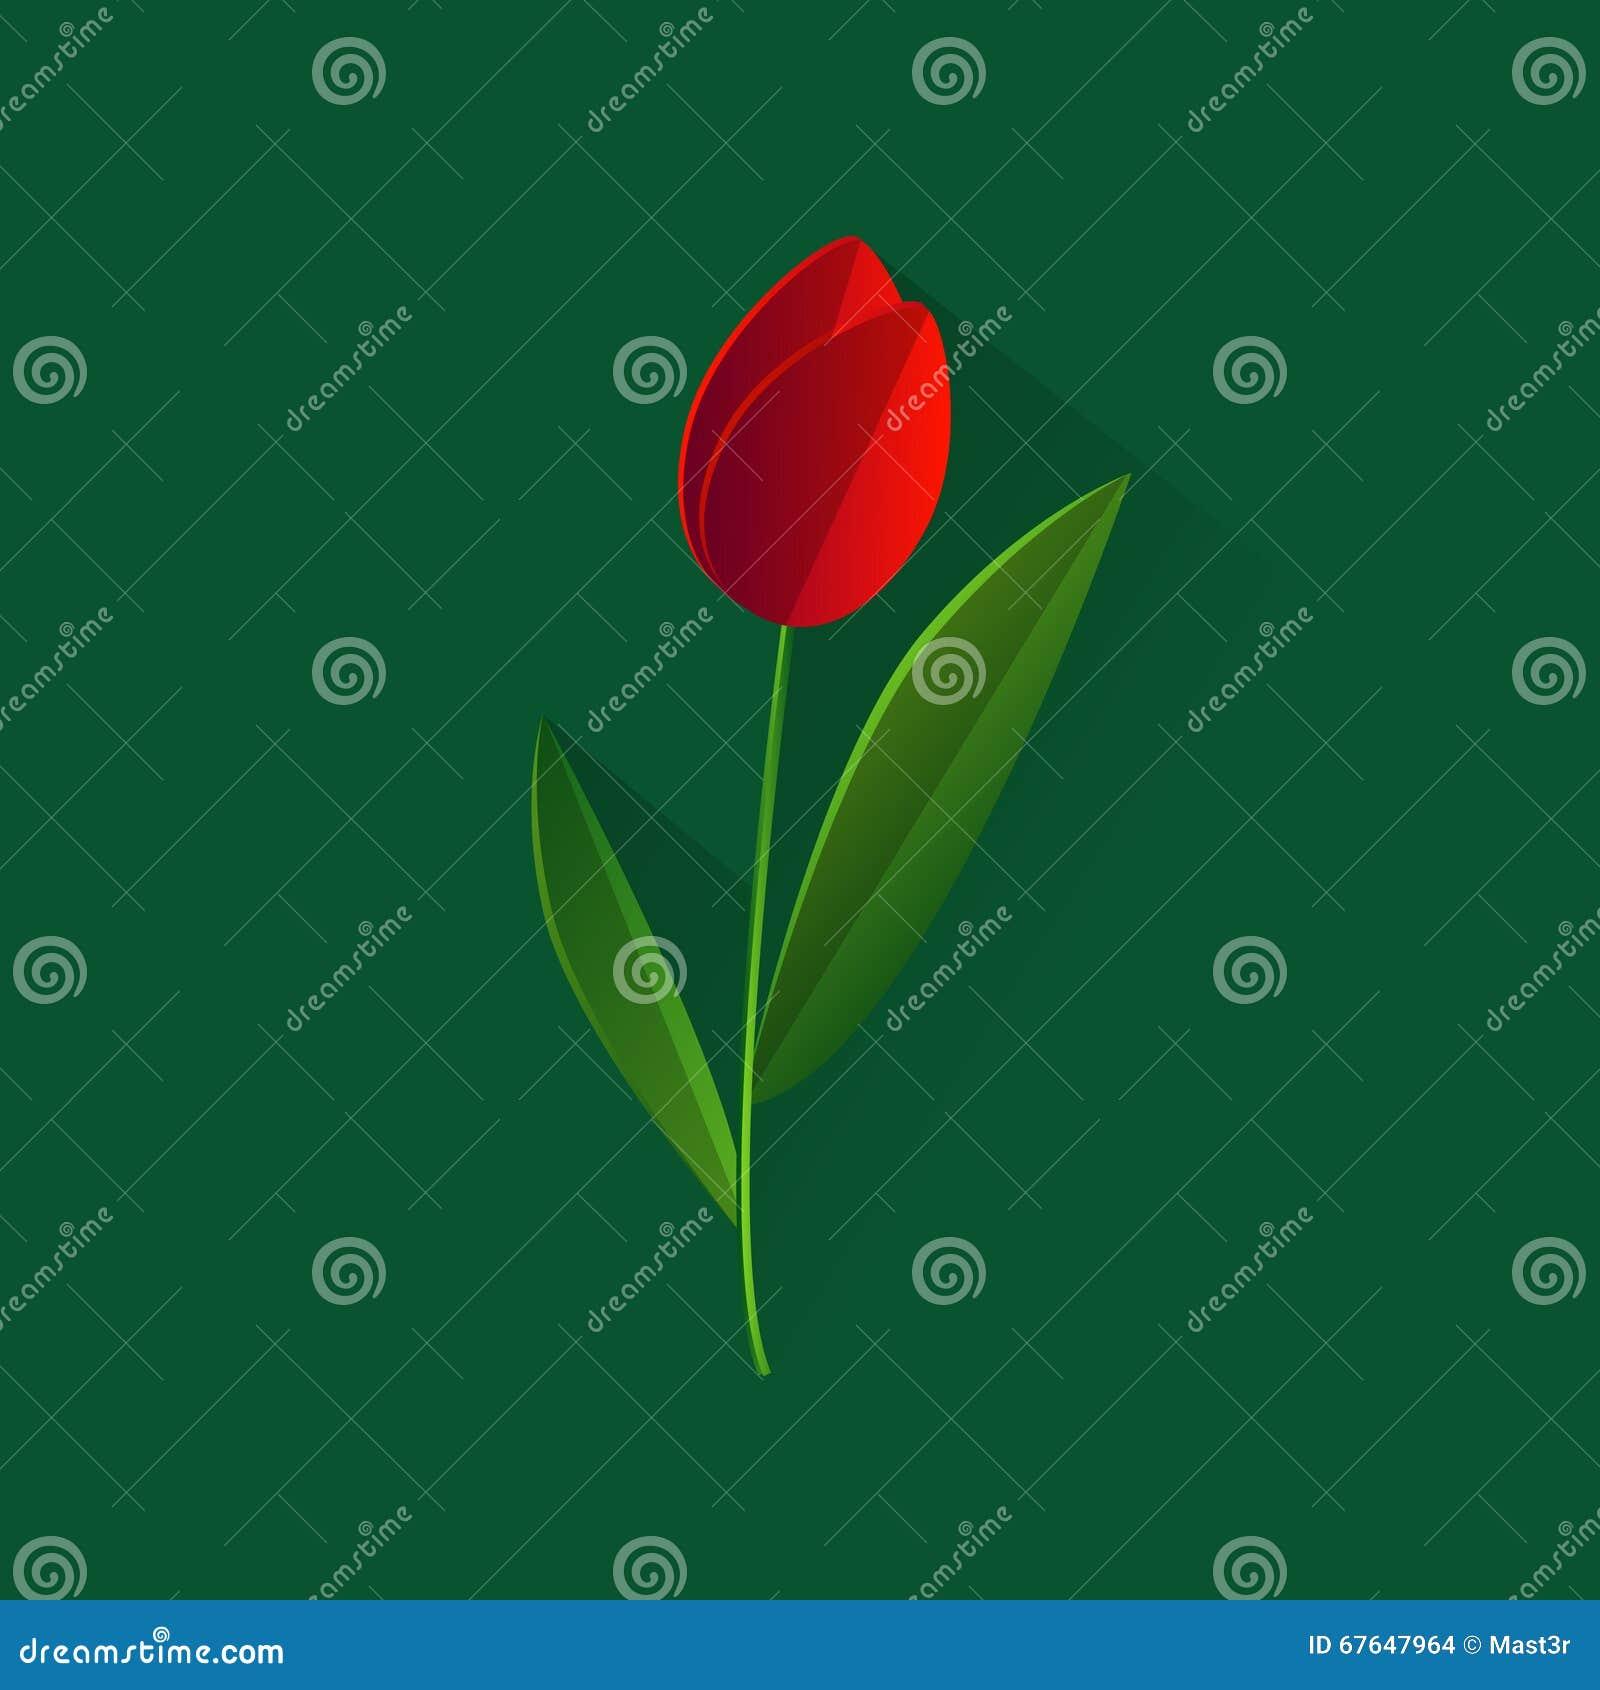 Fondo del verde de Tulip Flower Spring Holiday Concept